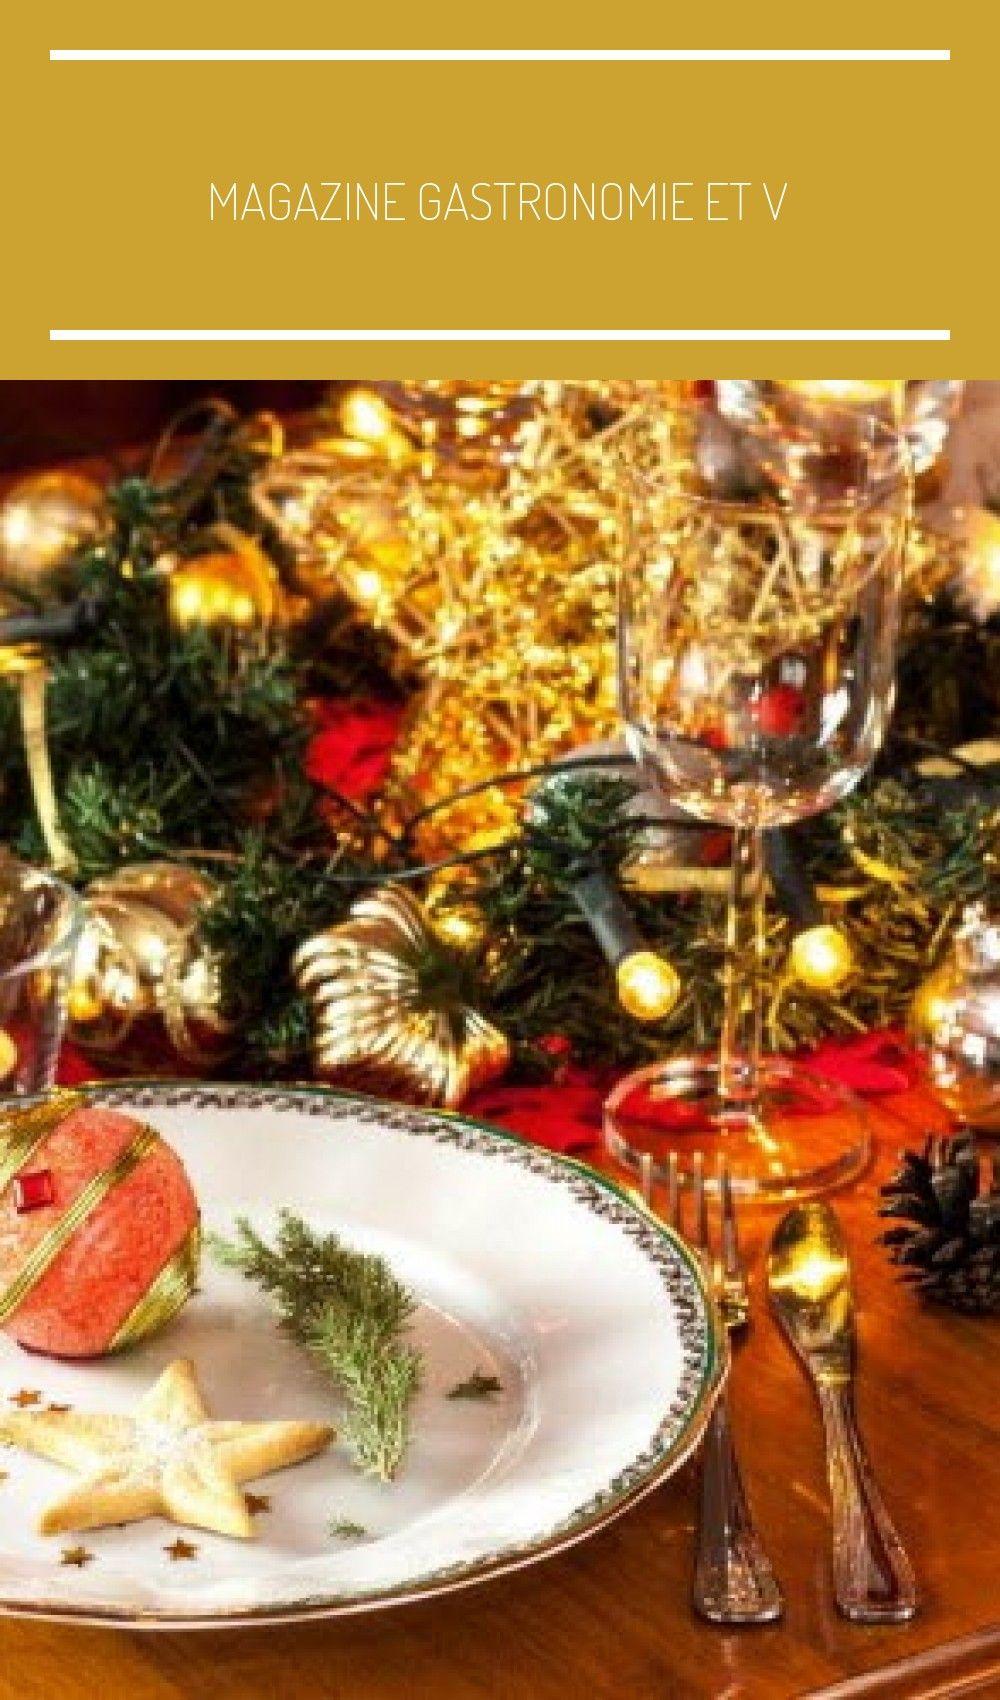 Magazine Gastronomie et Vins Noël un menu équilibré